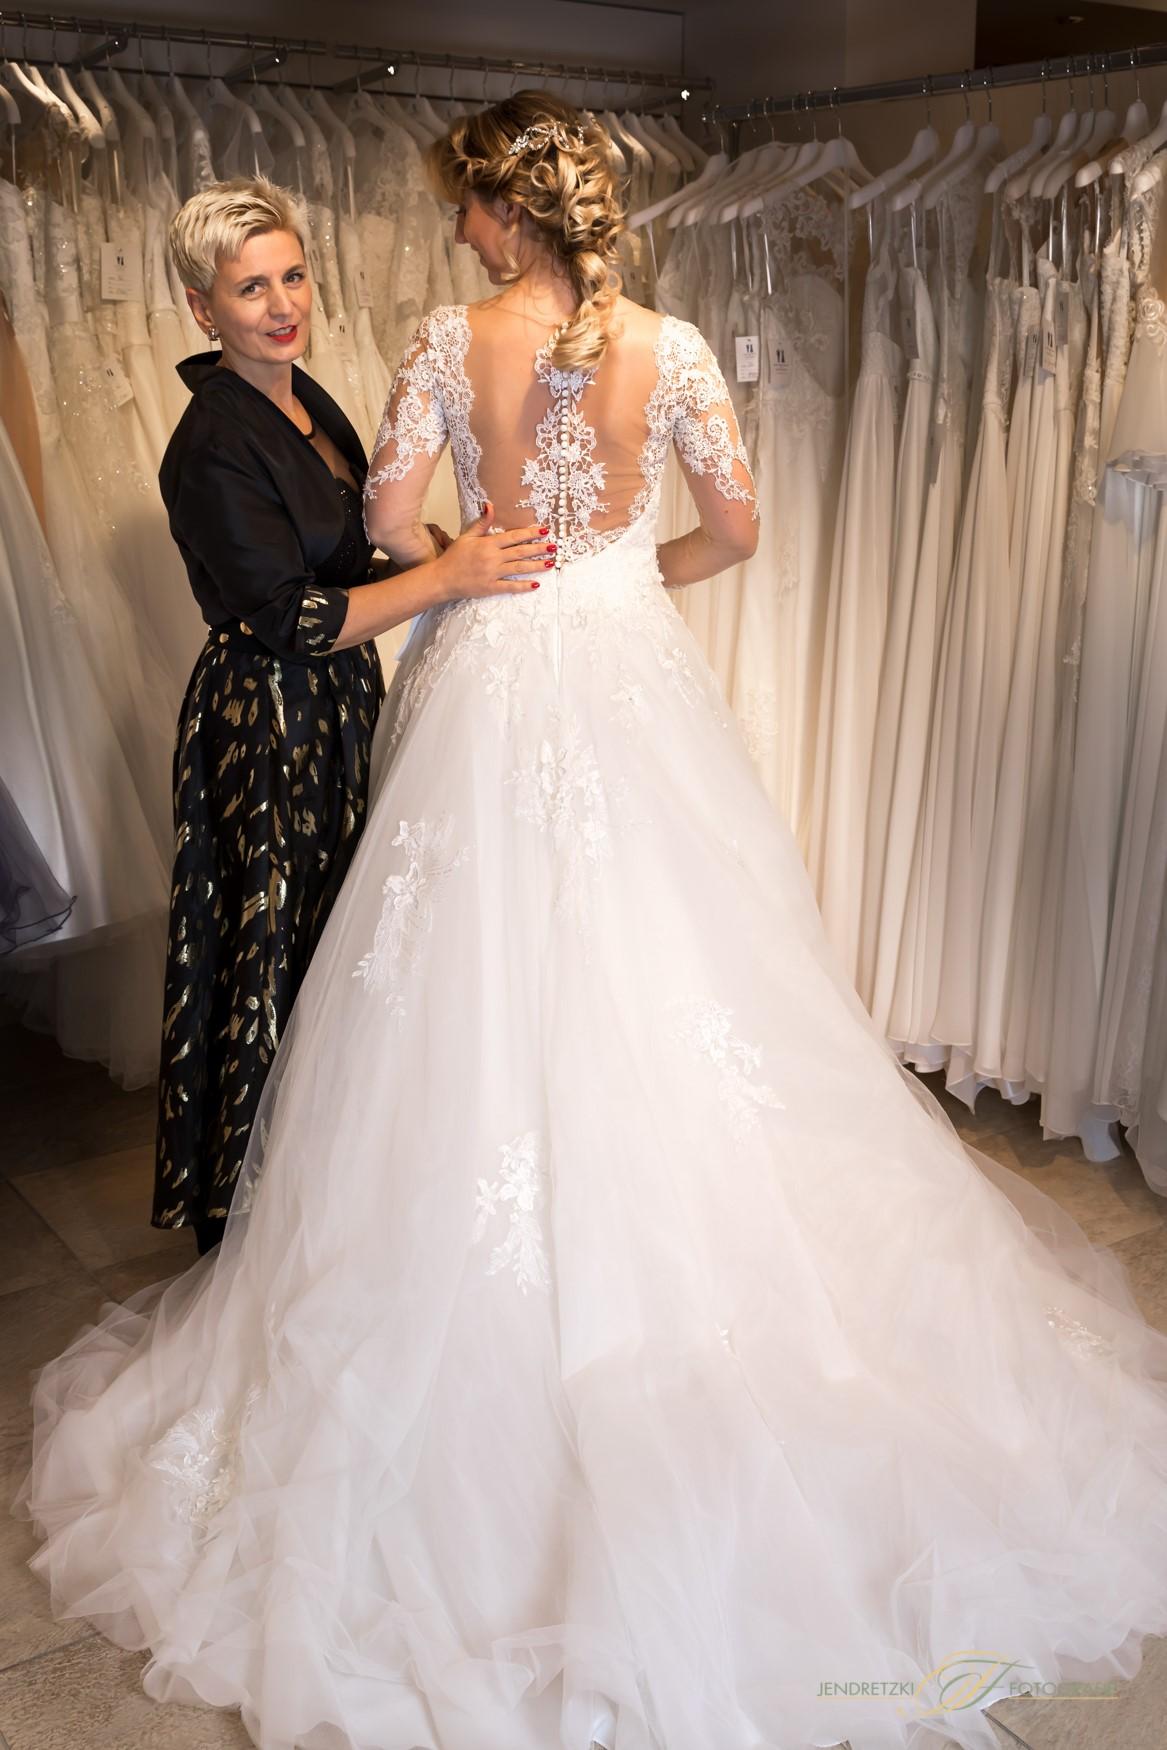 Haus der Braut & Gentleman feiert goldenes Jubiläum